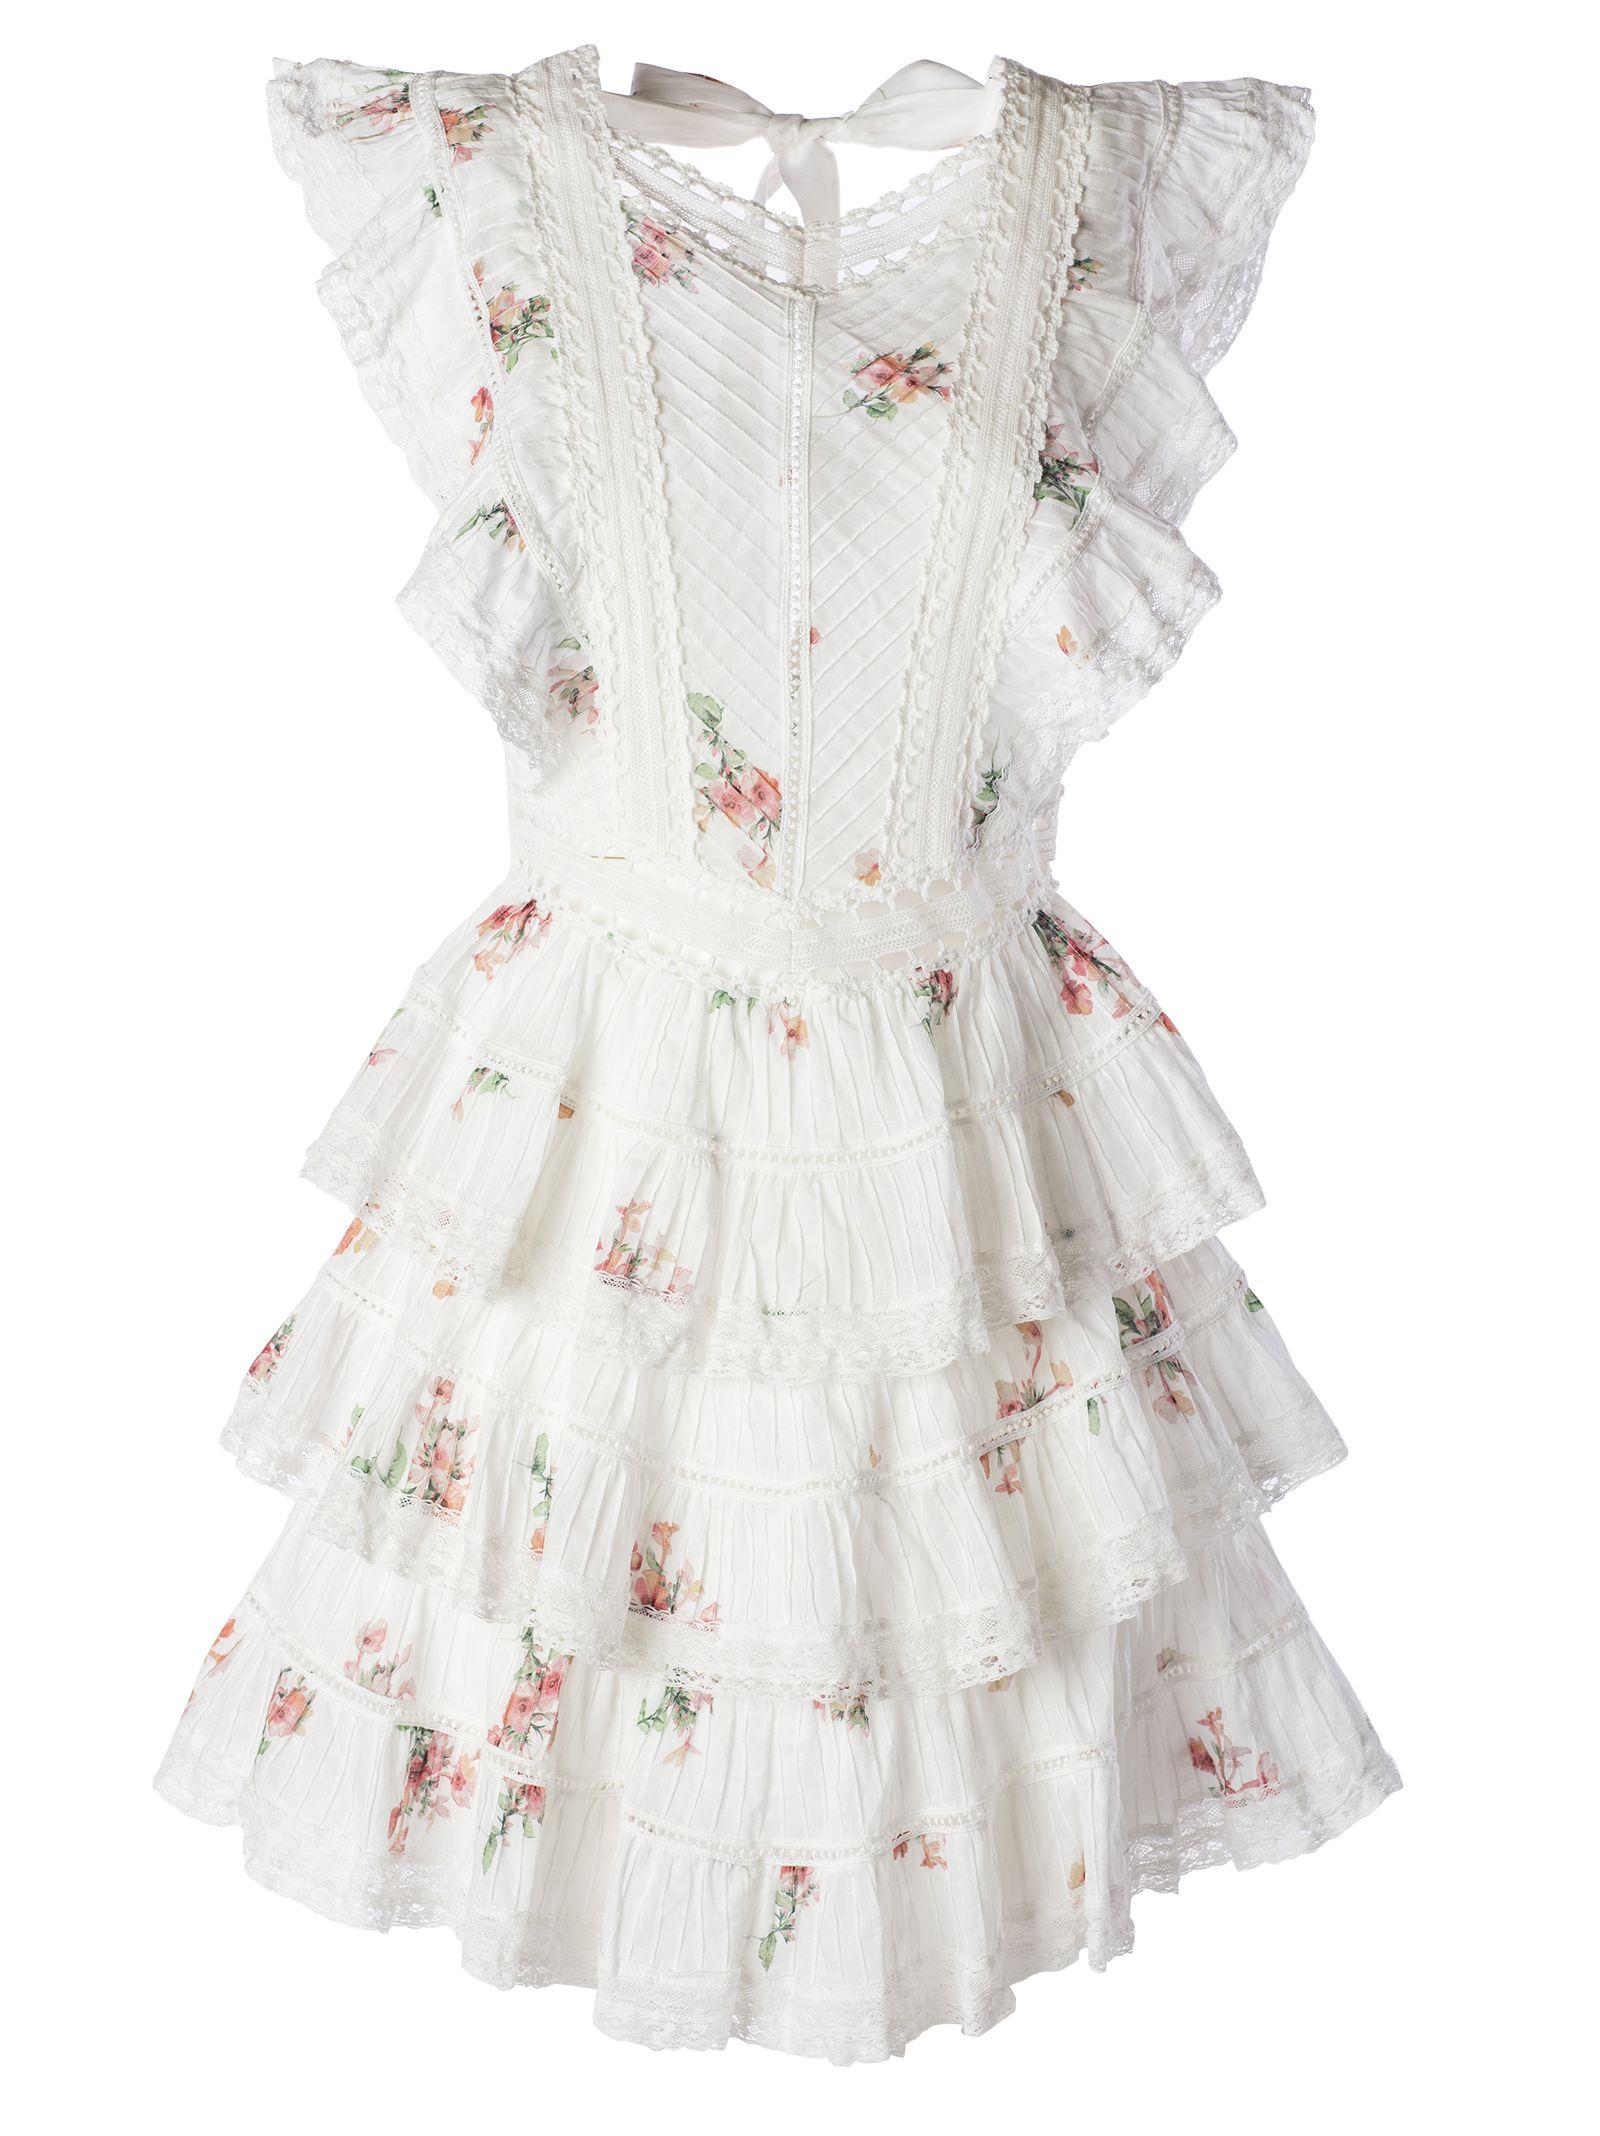 d304e9dd88 Zimmermann Zimmermann Heather Pintuck Dress - White - 10840792 | italist